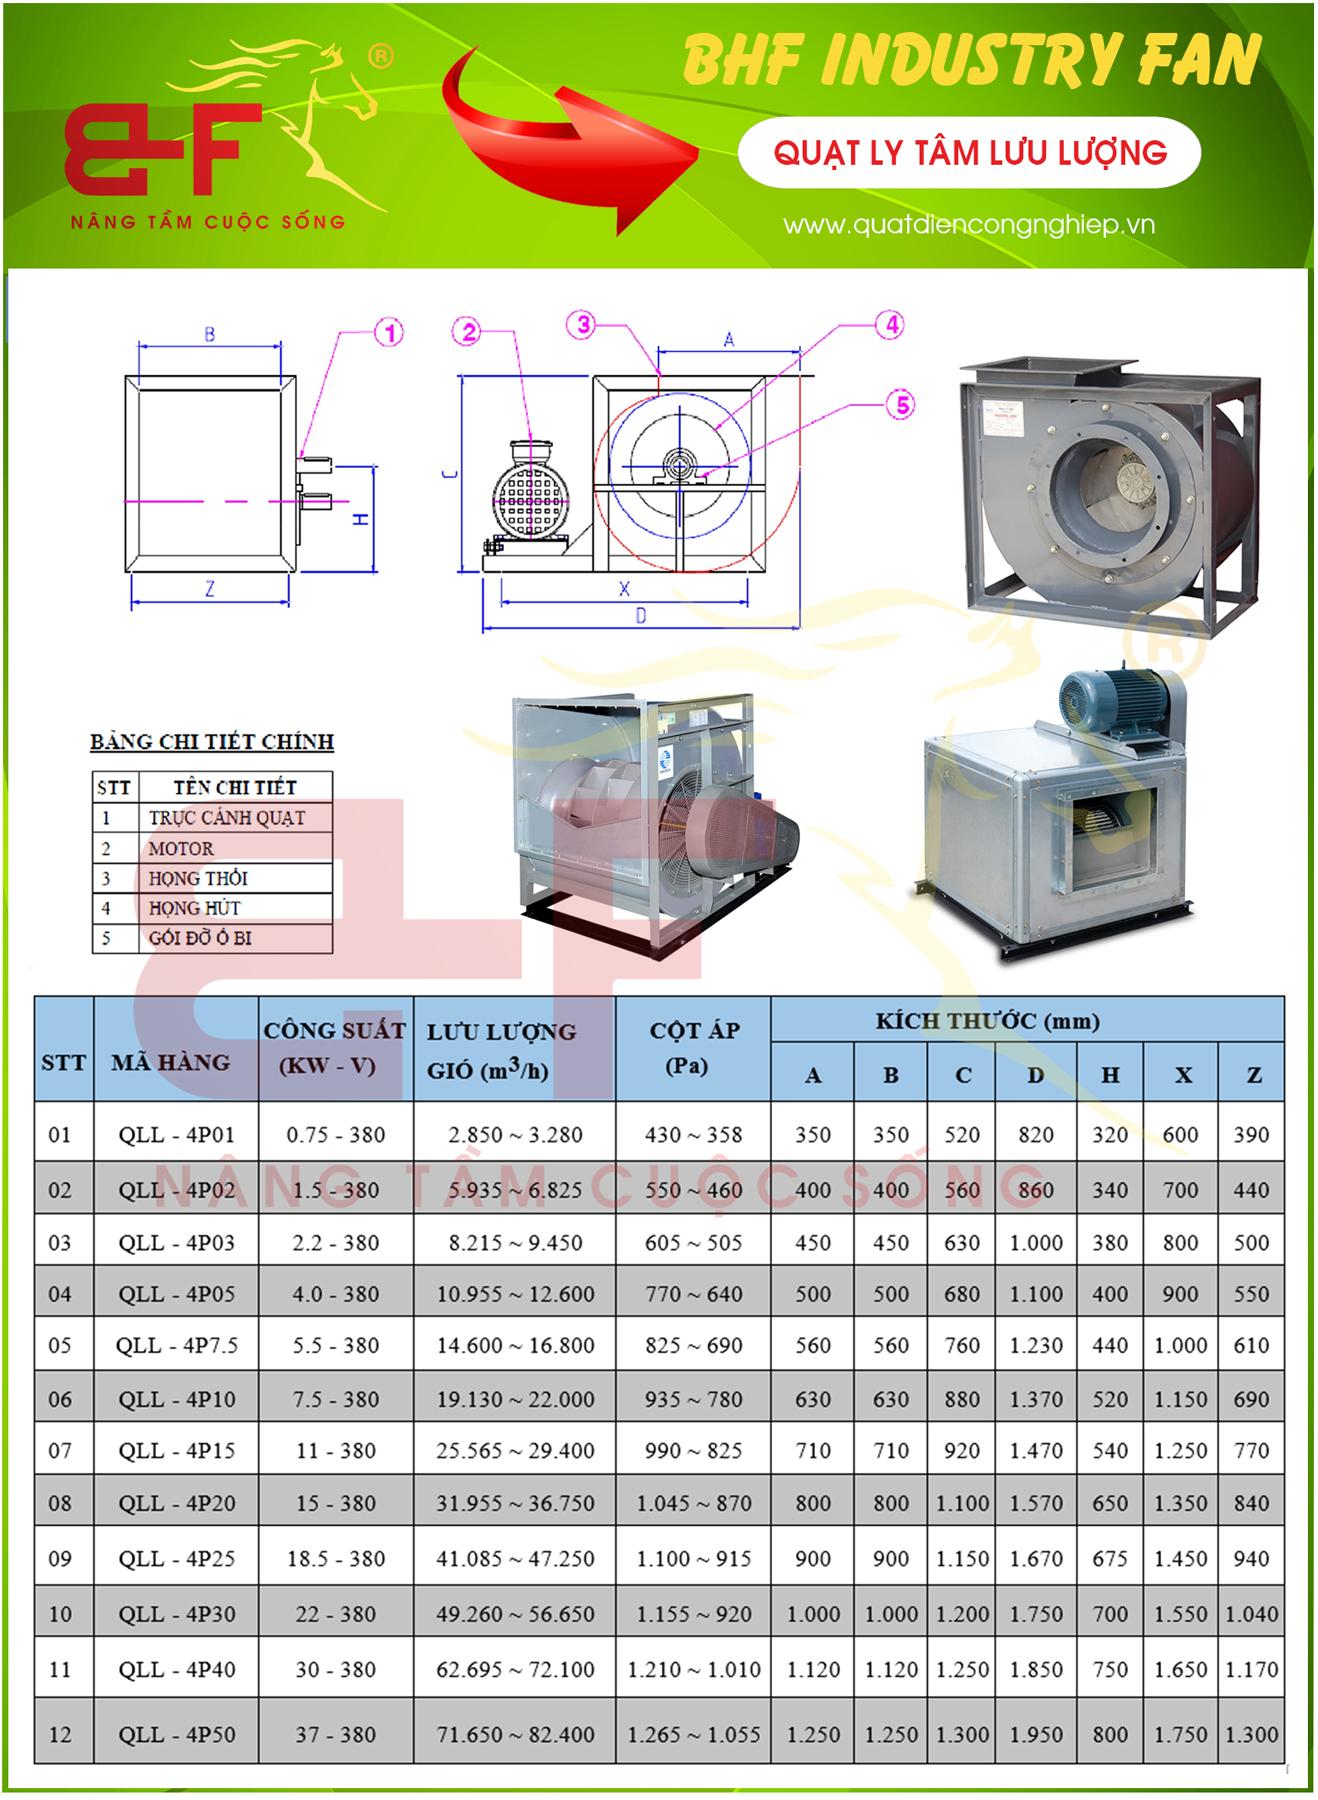 Catalouge chi tiết của sản phẩm quạt ly tâm lưu lượng lớn